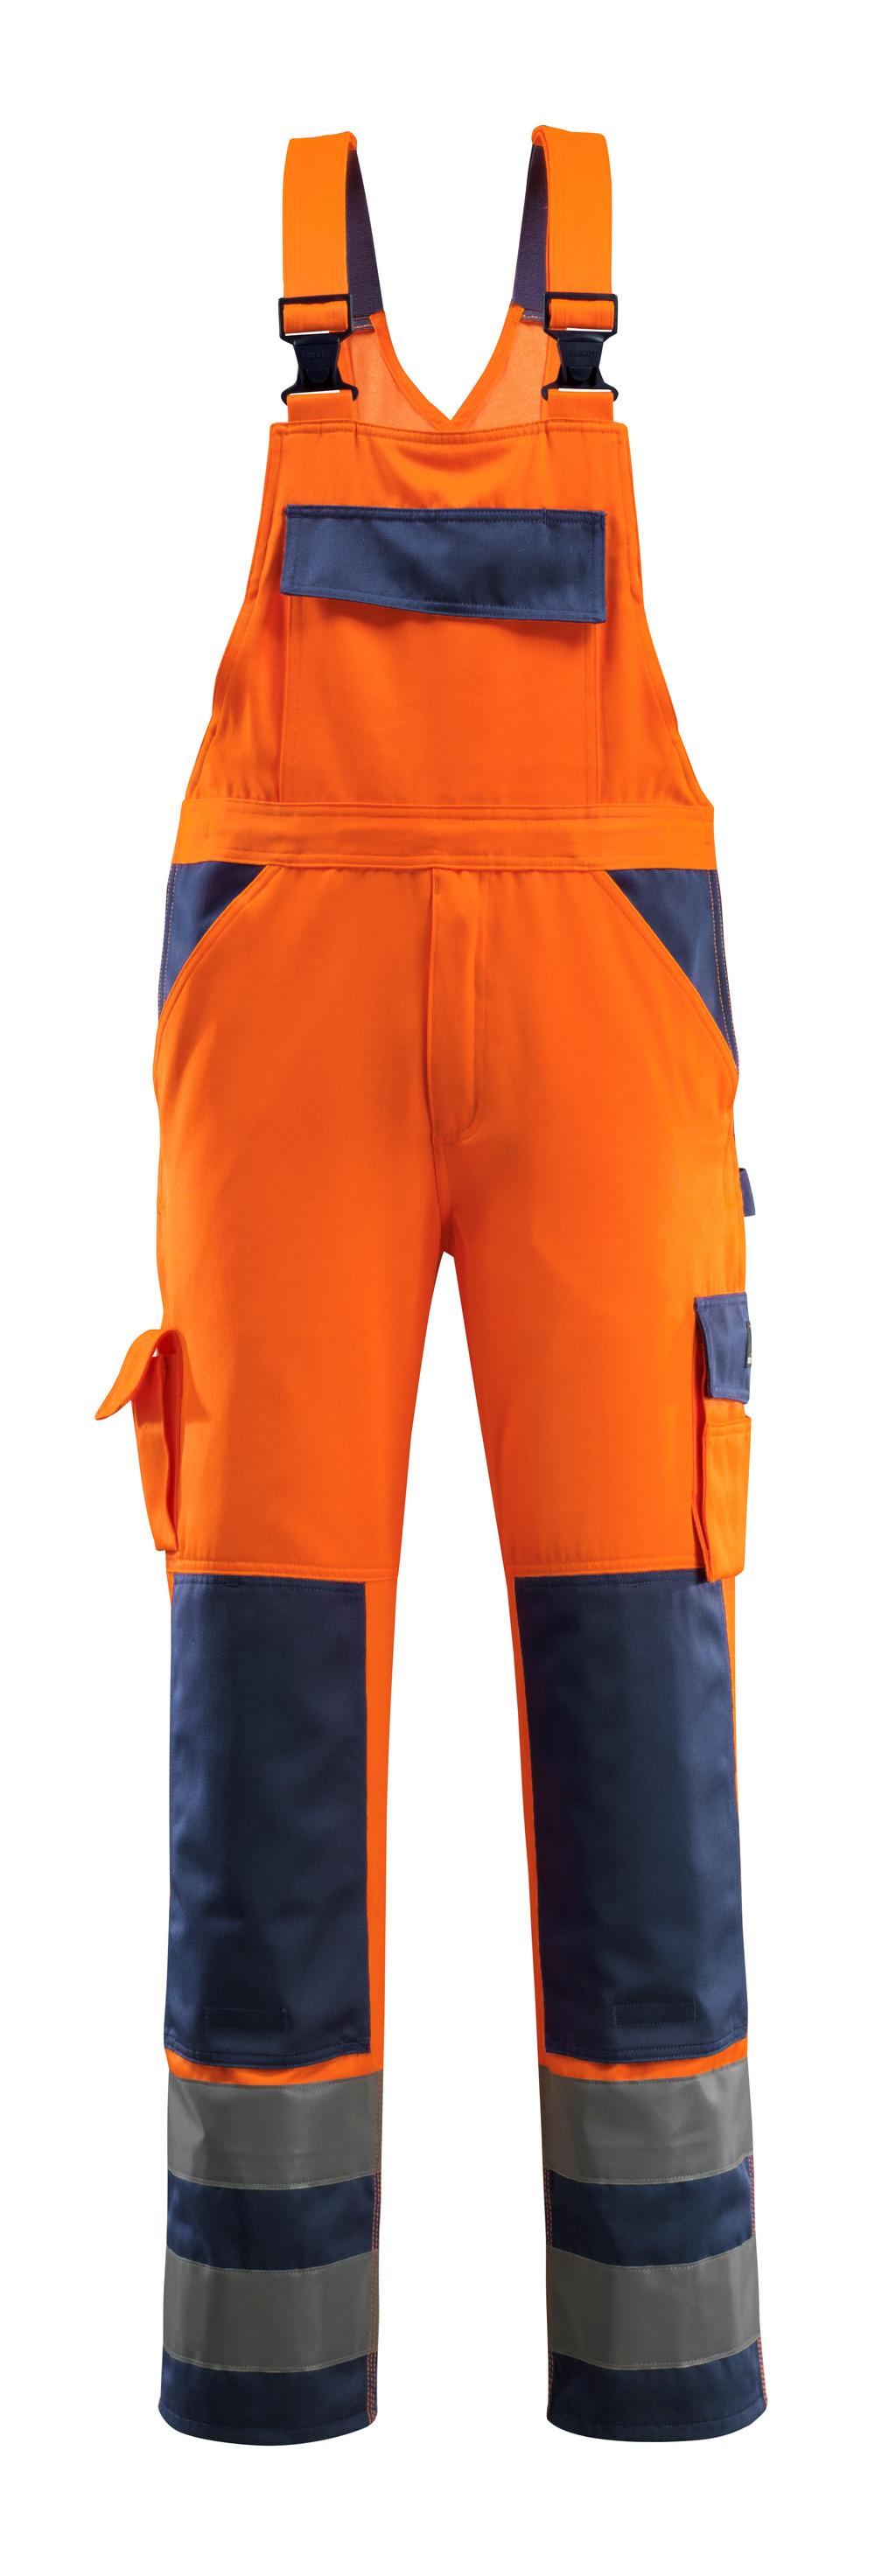 07169-860-141 Overall med knælommer - hi-vis orange/marine